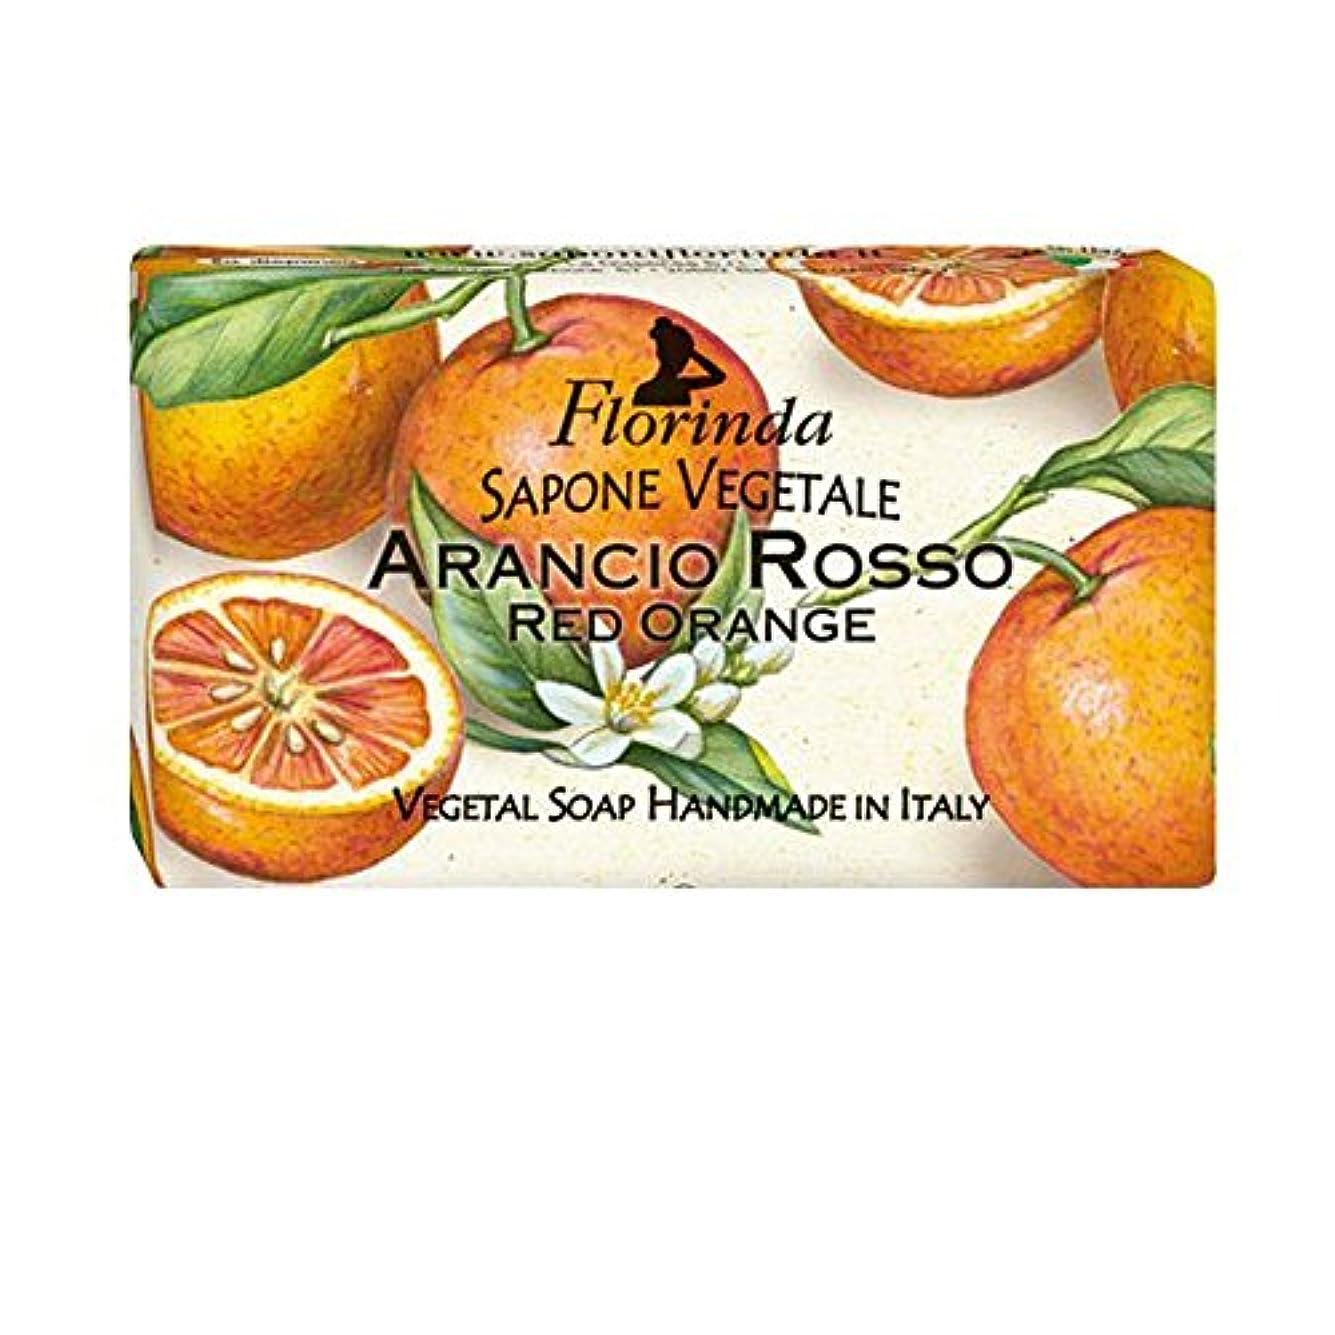 上院無謀民兵Florinda フロリンダ フレグランスソープ フルーツ レッドオレンジ 100g [並行輸入品]